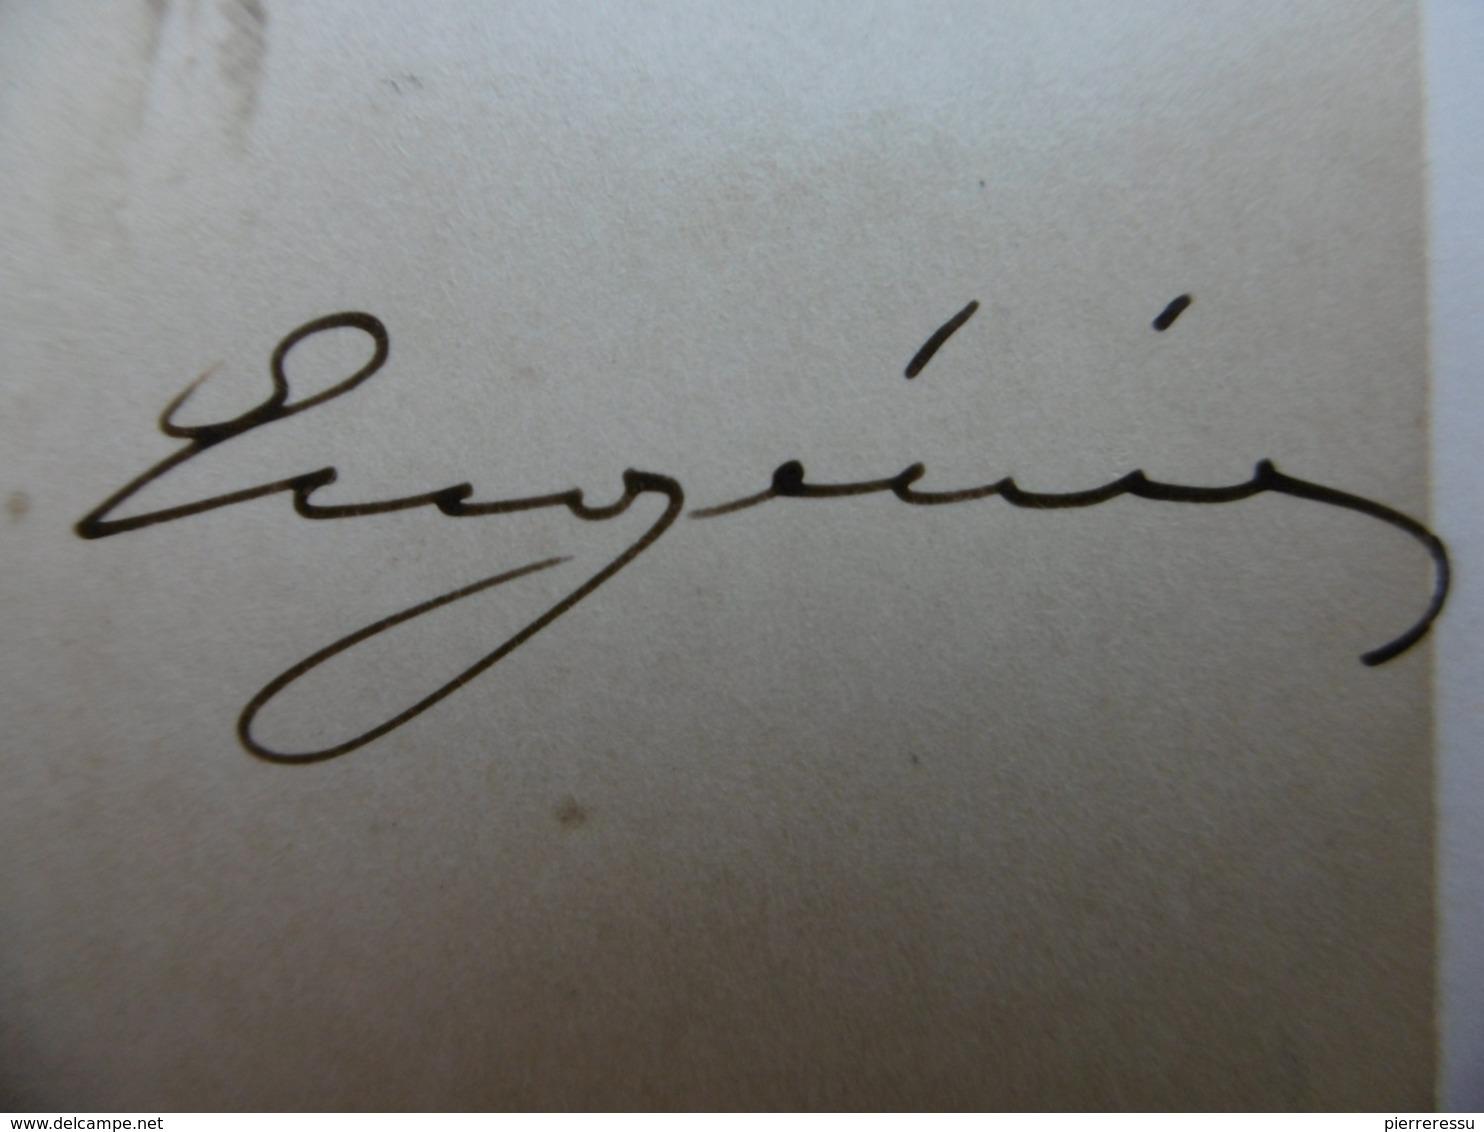 AUTOGRAPHE IMPERATRICE EUGENIE CDV LE JEUNE PHOTOGRAPHE DE S A LE PRINCE IMPERIAL - Autographs